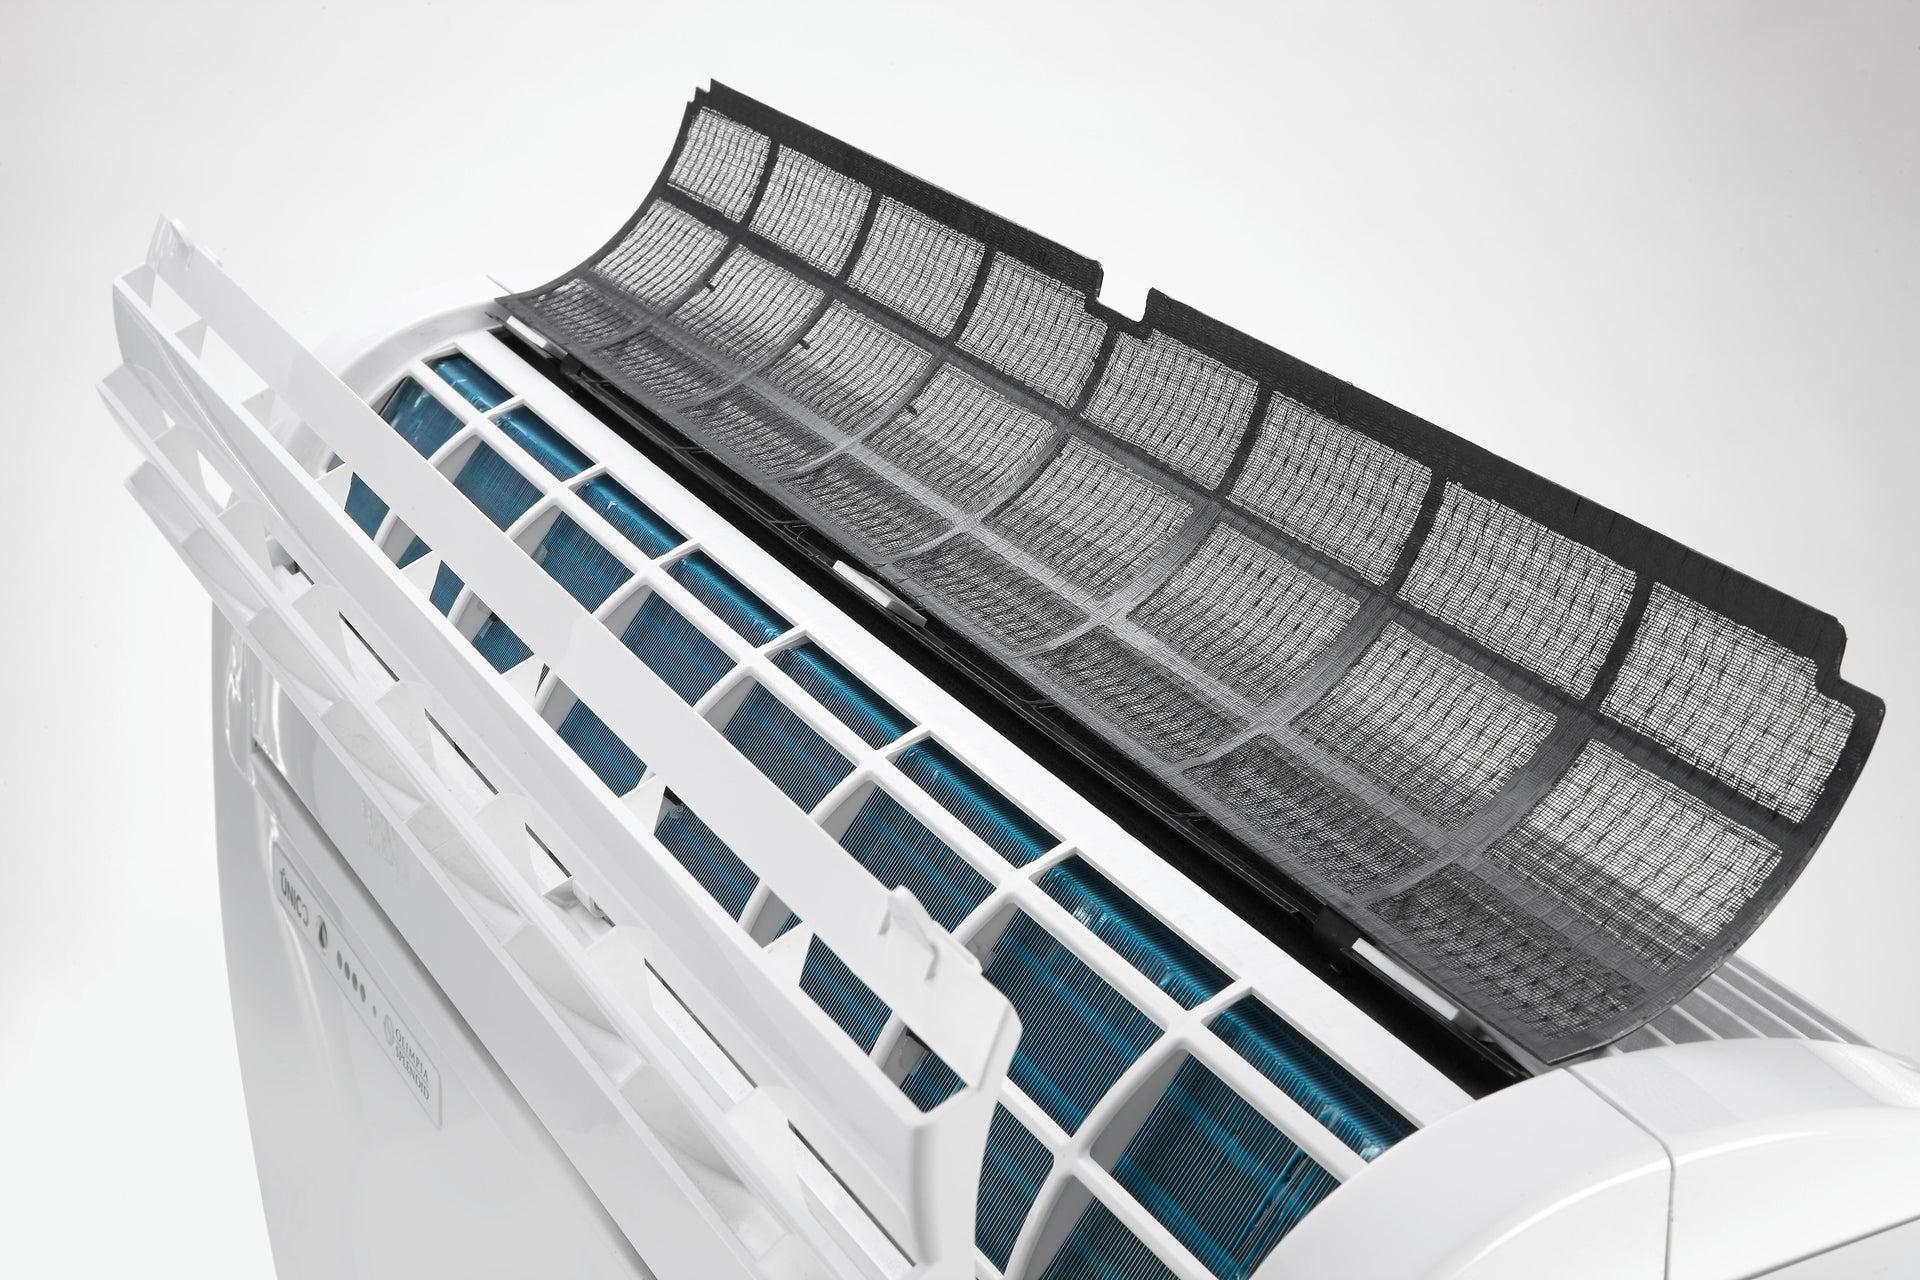 Climatizzatore monoblocco OLIMPIA SPLENDID Unico smart 9000 BTU classe A - 5